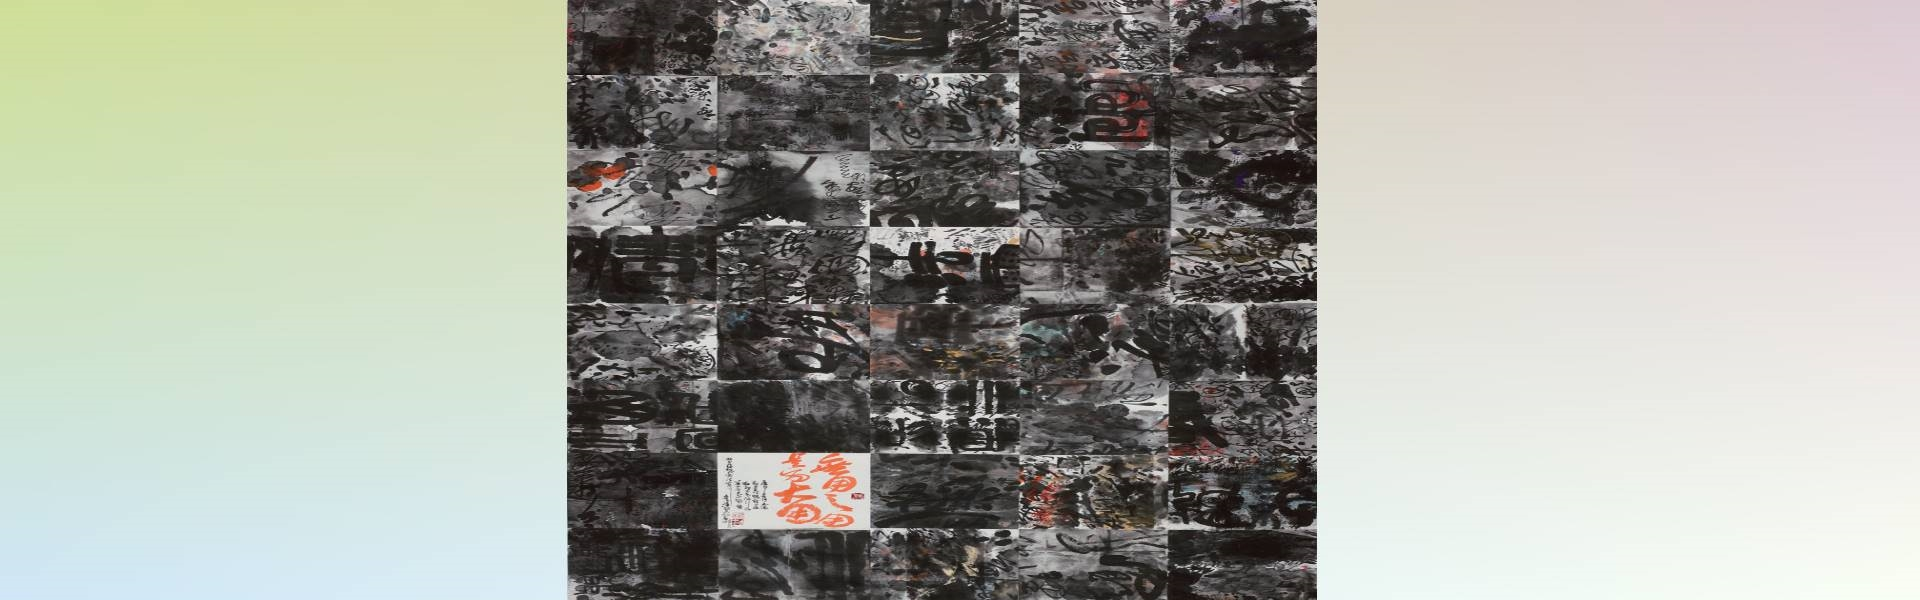 潛龍勿用-2020林章湖書畫展「另開新視窗」